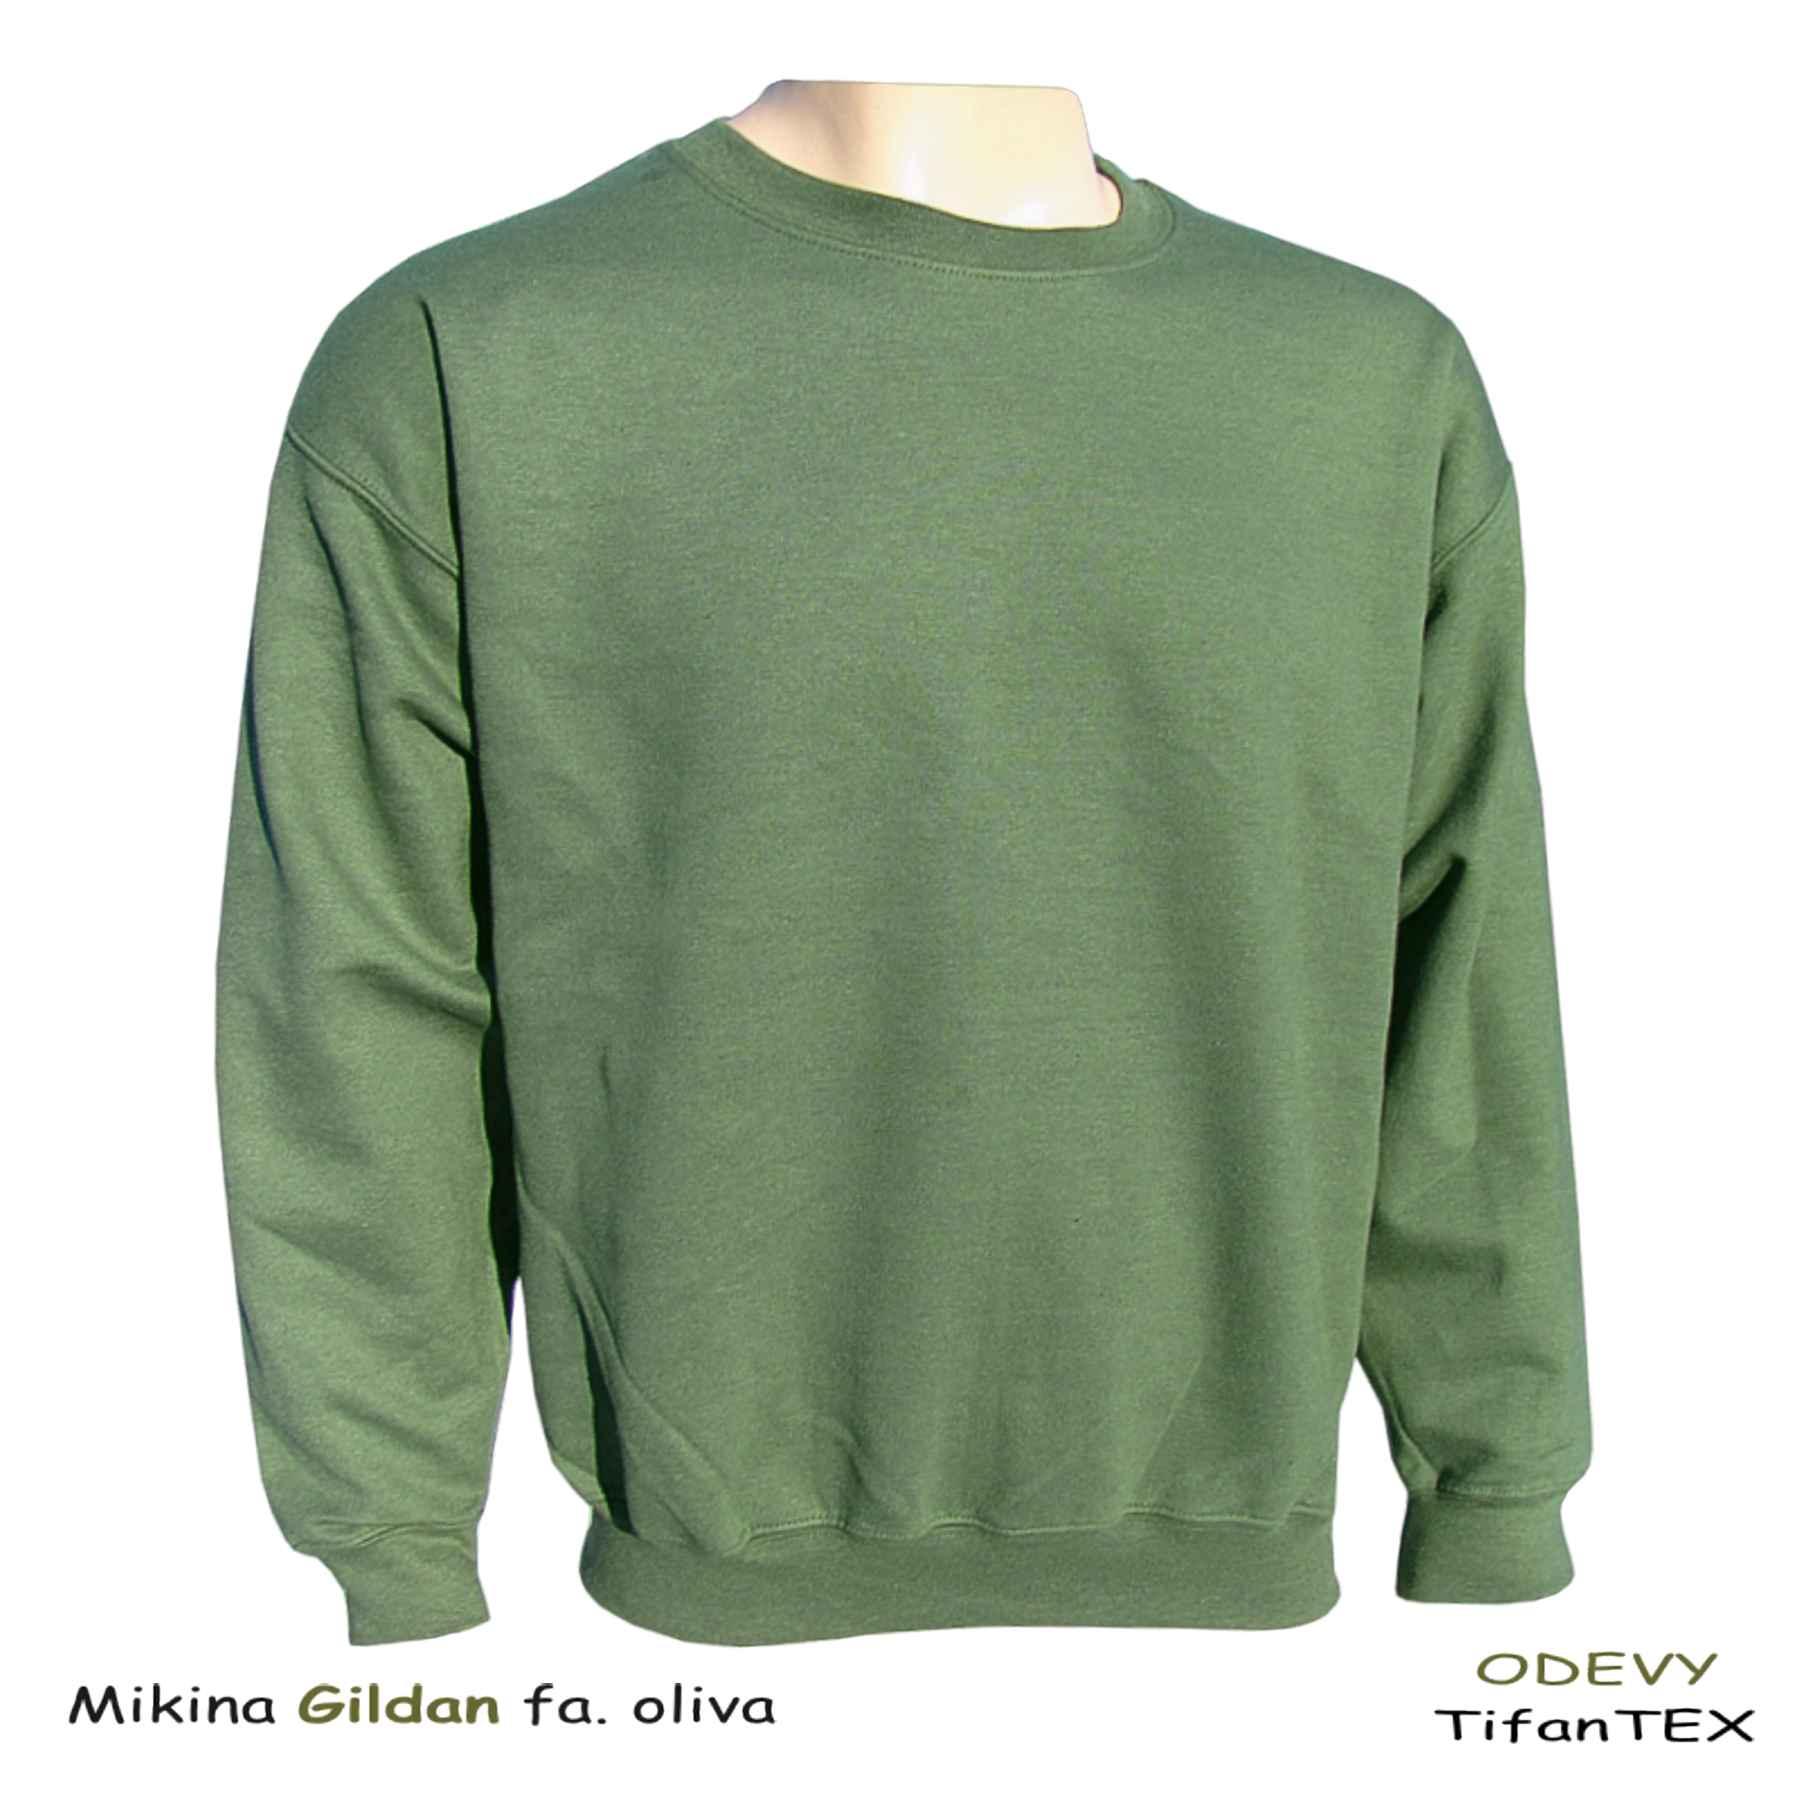 7c34f1598 ... Úpletová mikina pánska Gildan zelená army, Tifantex veľkoobchod